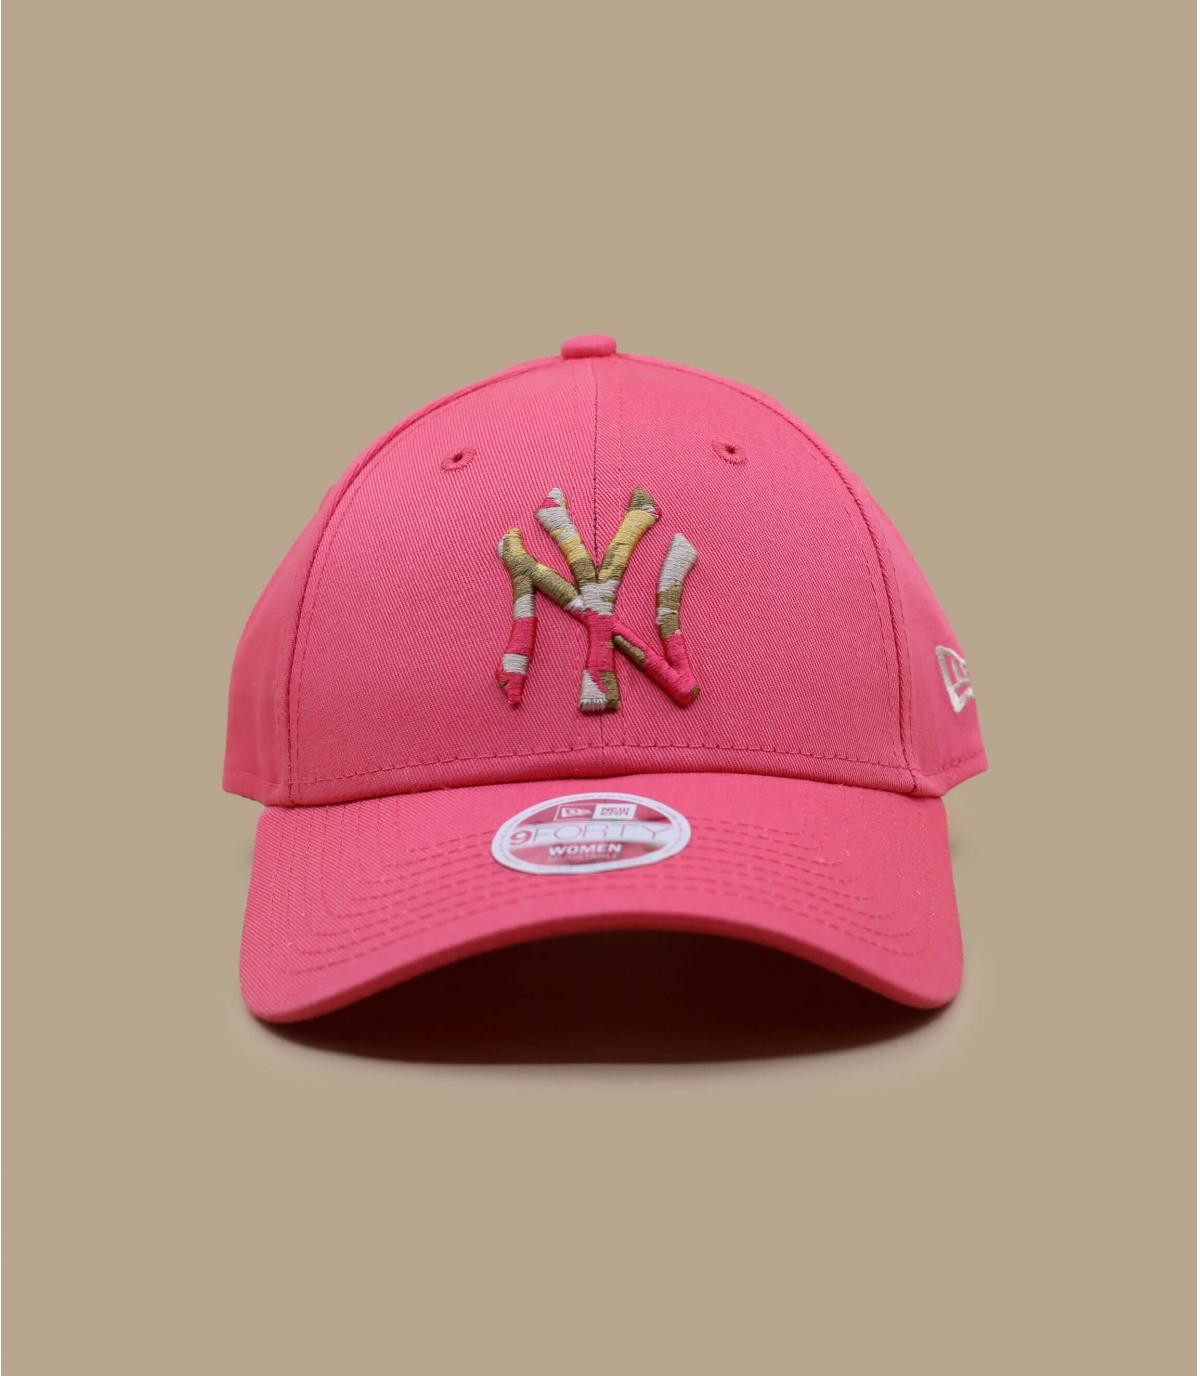 Detalles Wmn Camo Infill NY 940 pink imagen 2